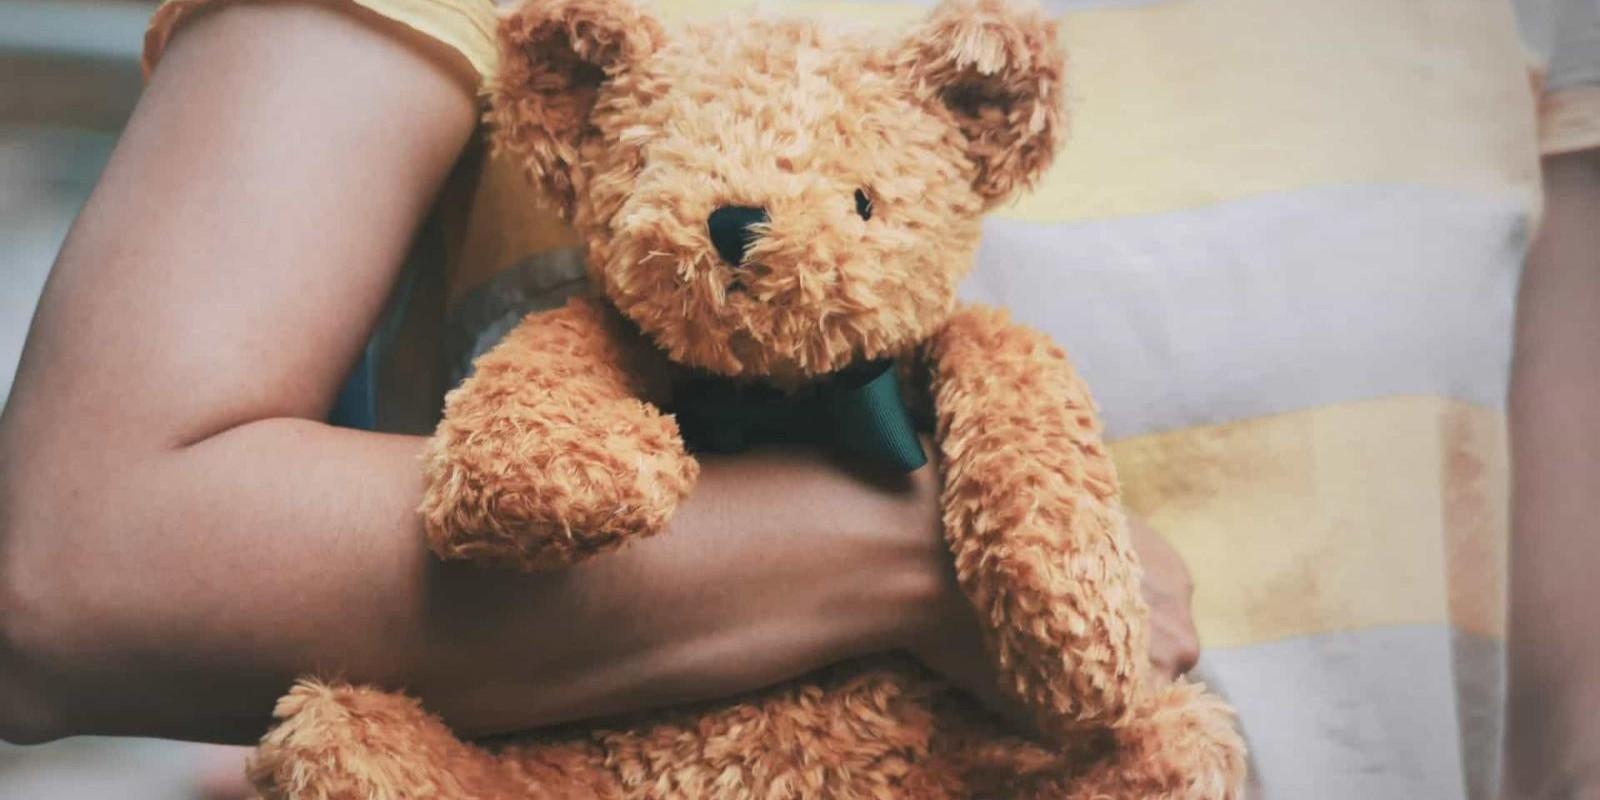 Uma Sociedade Que Silencia A Exploração Sexual Infantil